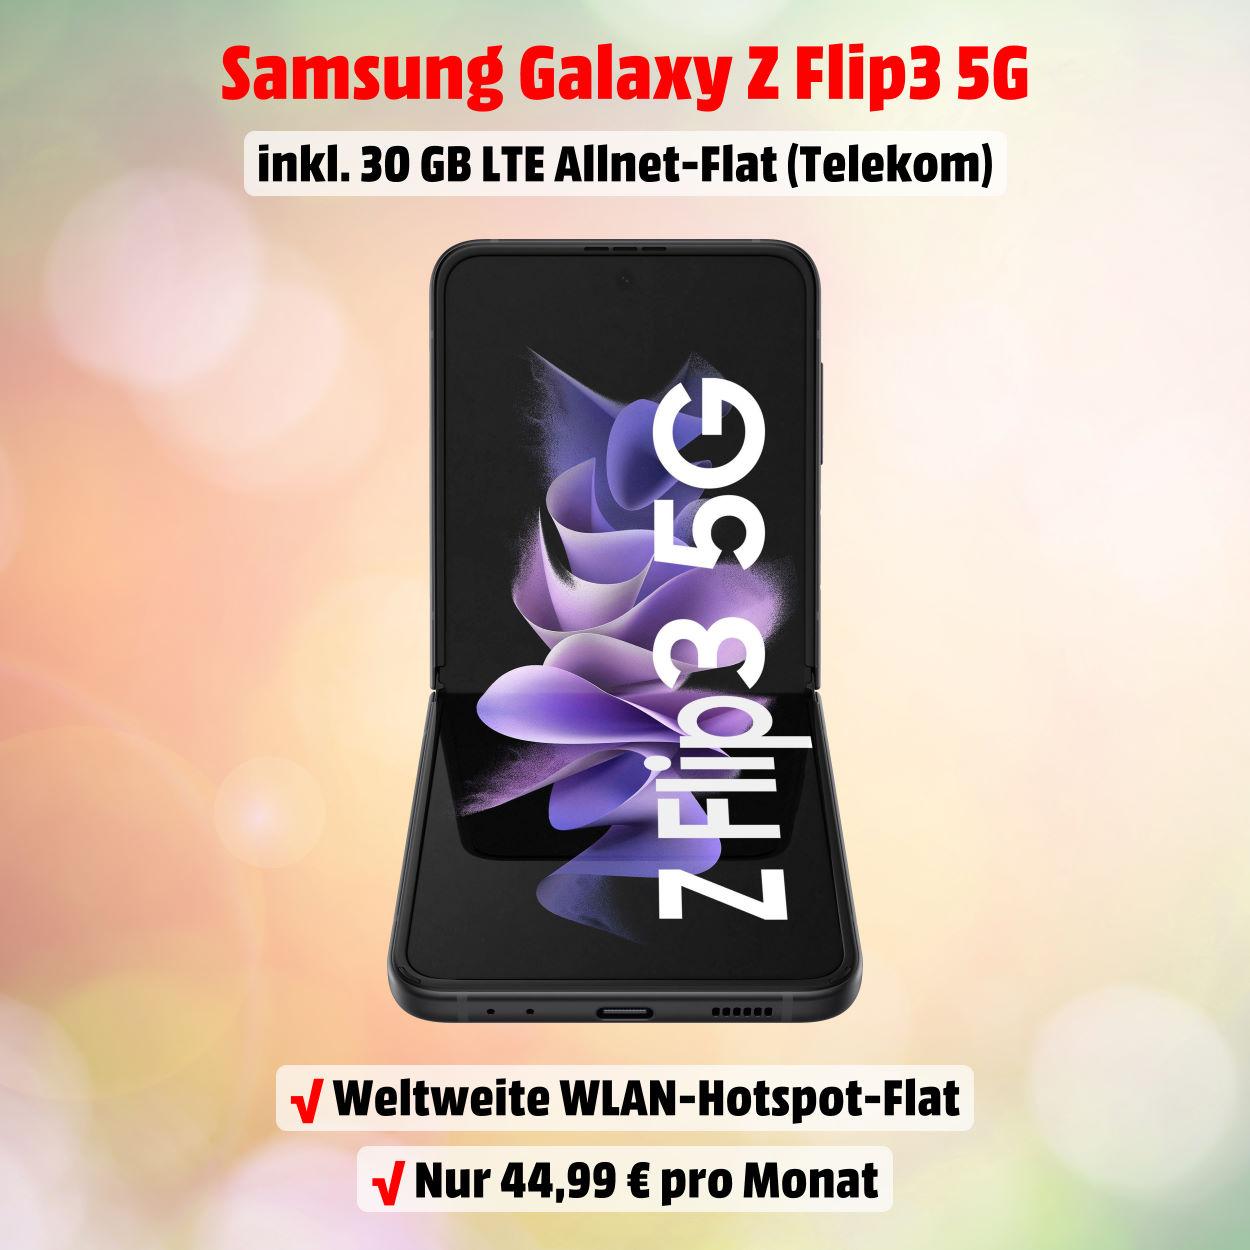 Galaxy Z Flip3 5G inkl. 30 GB LTE Allnet-Flat zu ausgezeichneten Konditionen